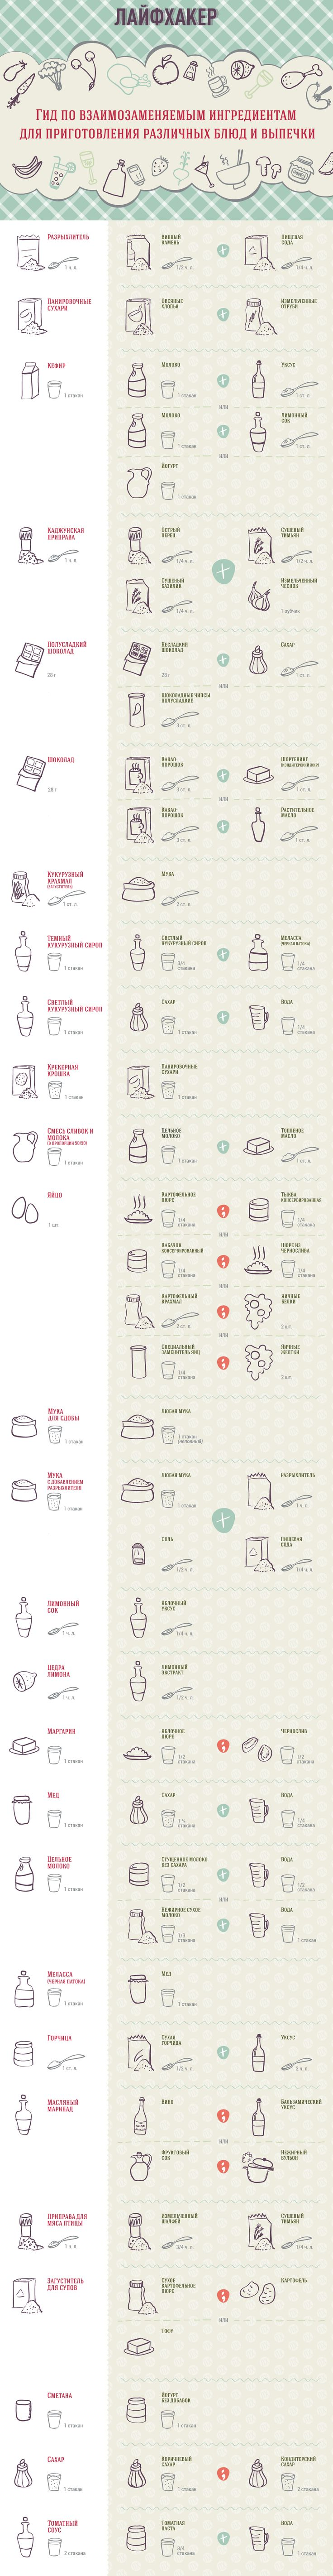 Заменяемые продукты